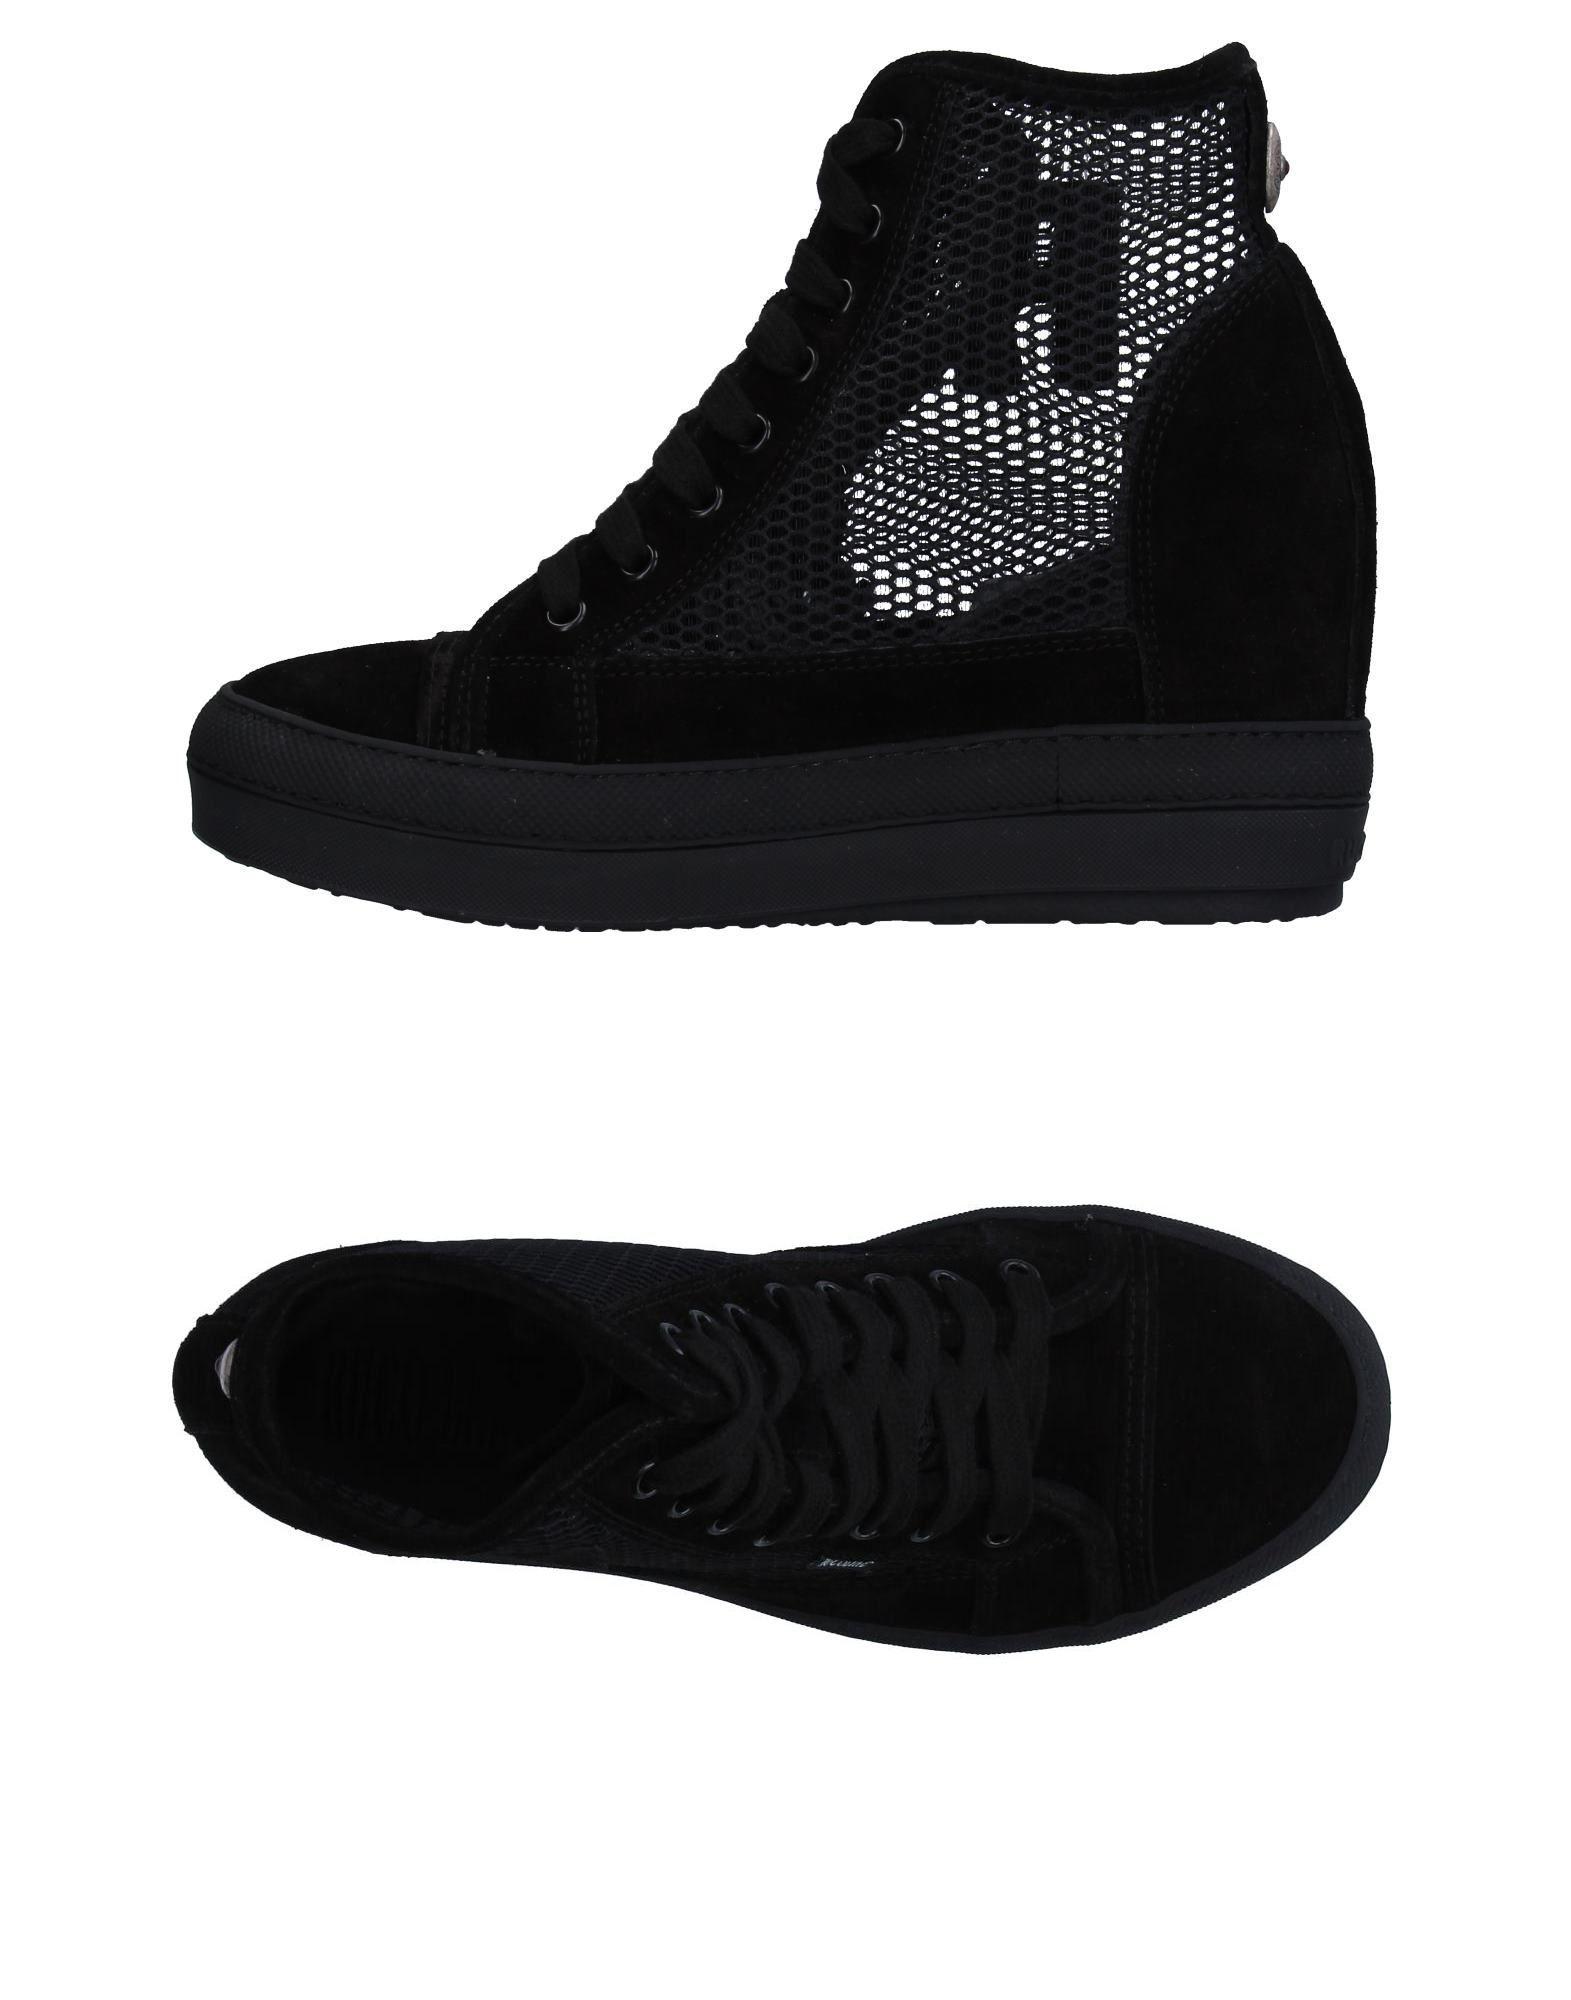 Ruco Line Sneakers Damen  11333500LC Gute Qualität beliebte beliebte beliebte Schuhe 068b0b